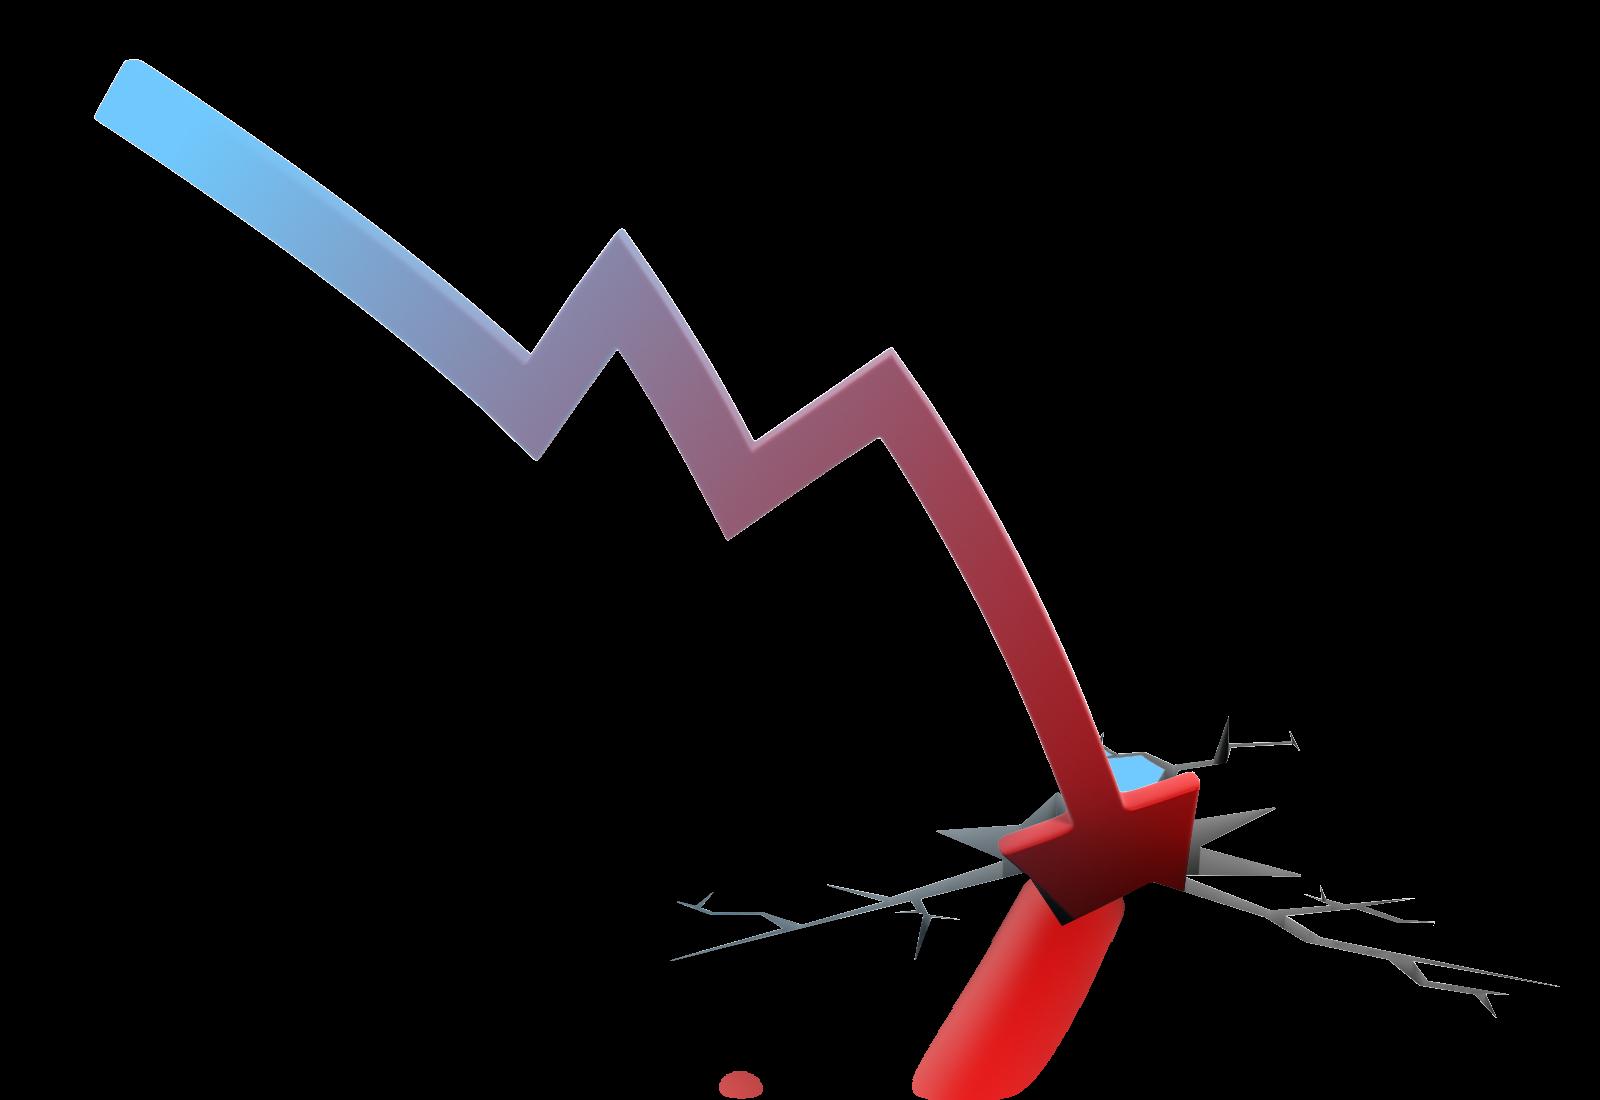 Германию ждет серьезная рецессия в 2020 году